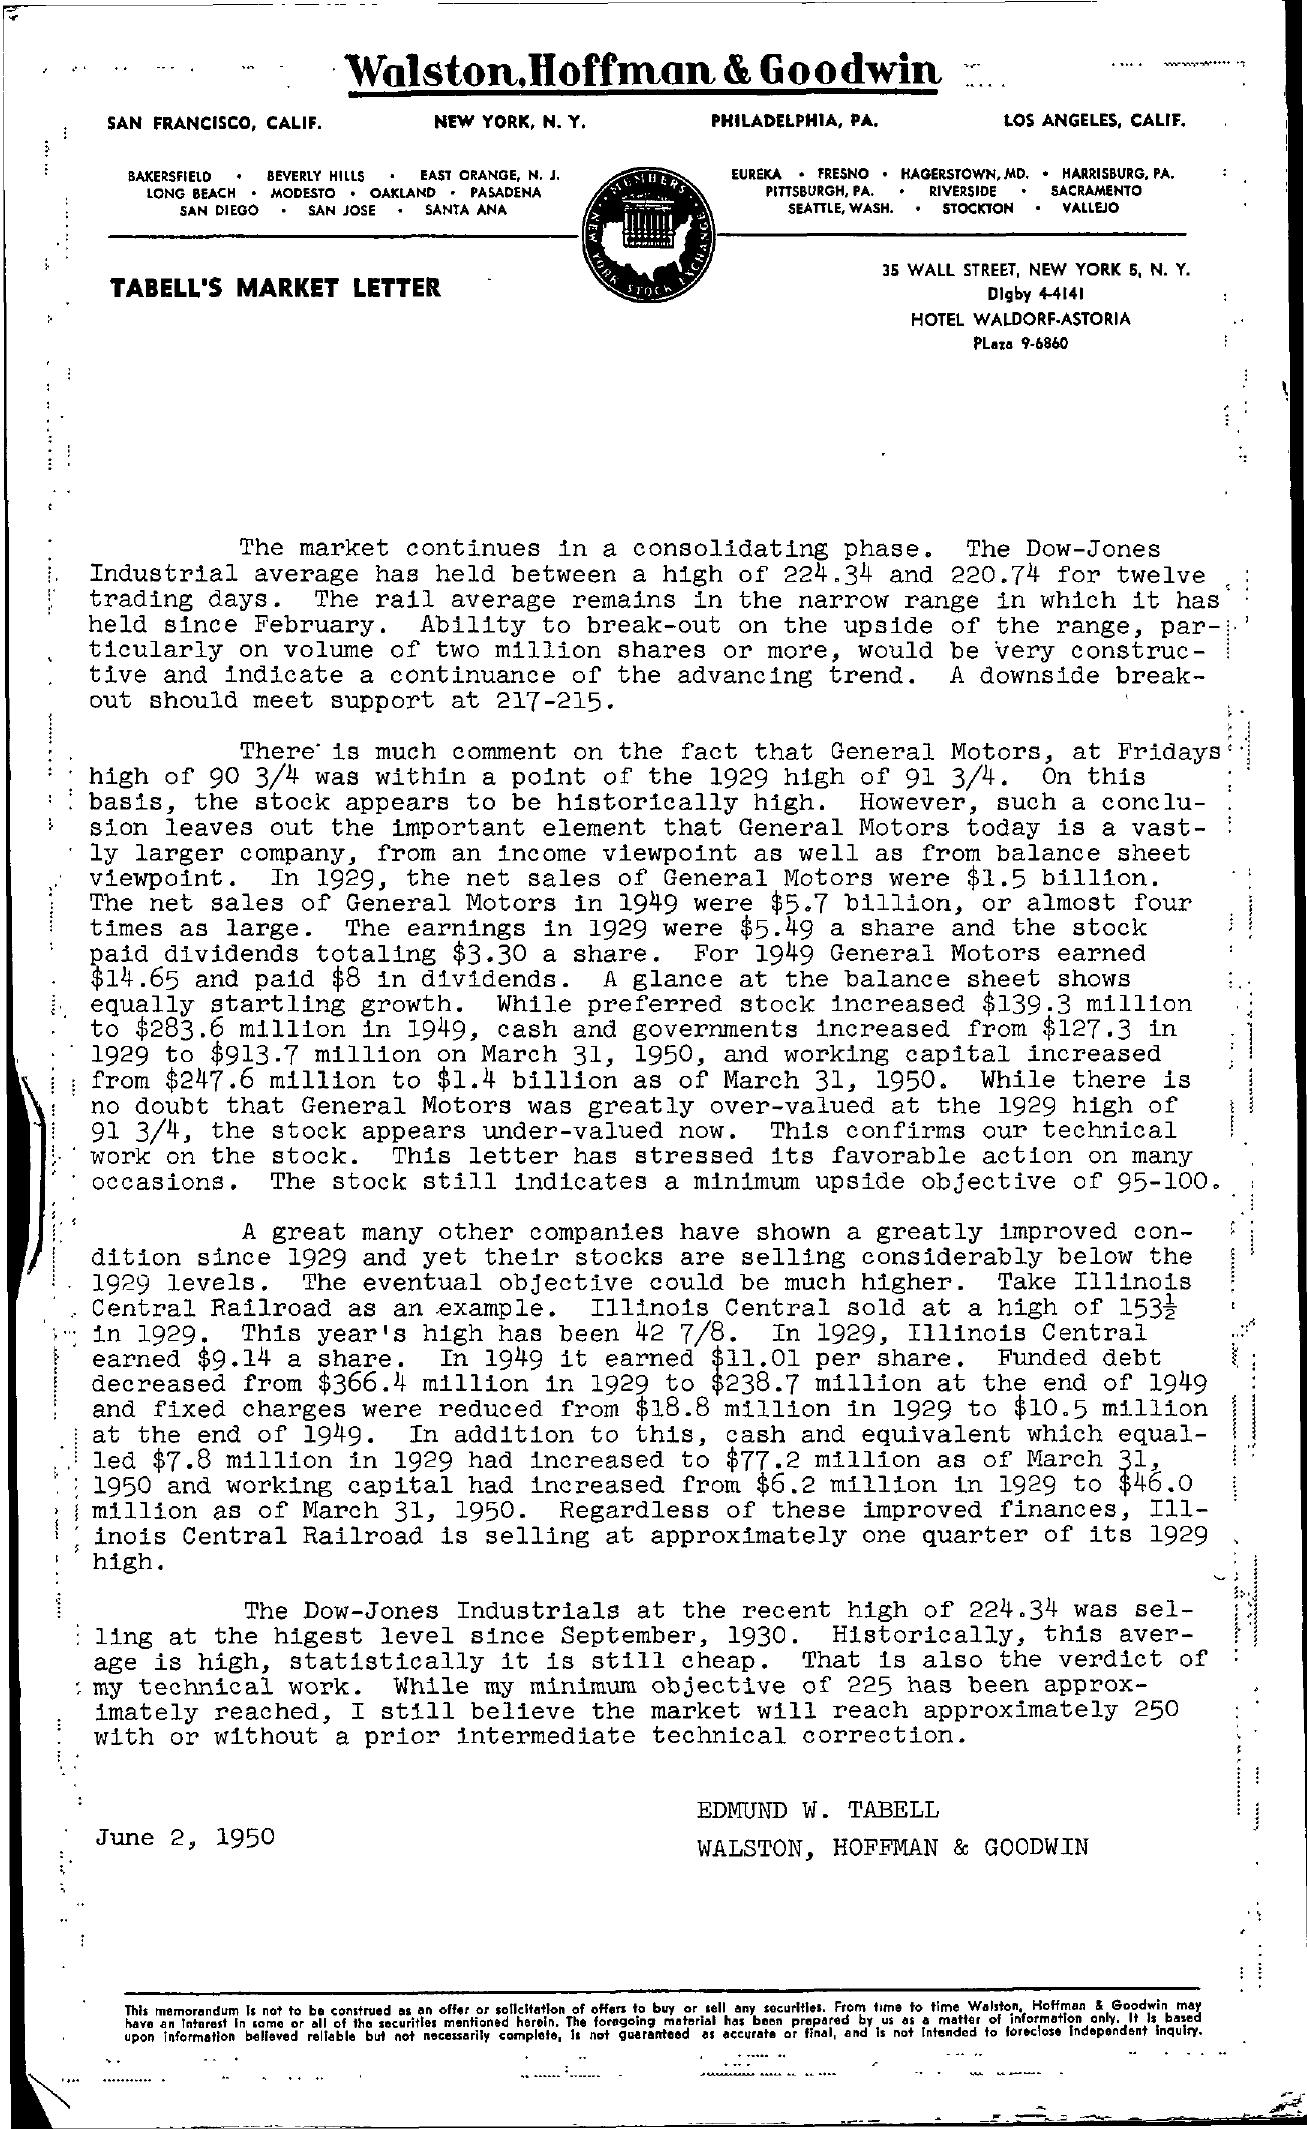 Tabell's Market Letter - June 02, 1950